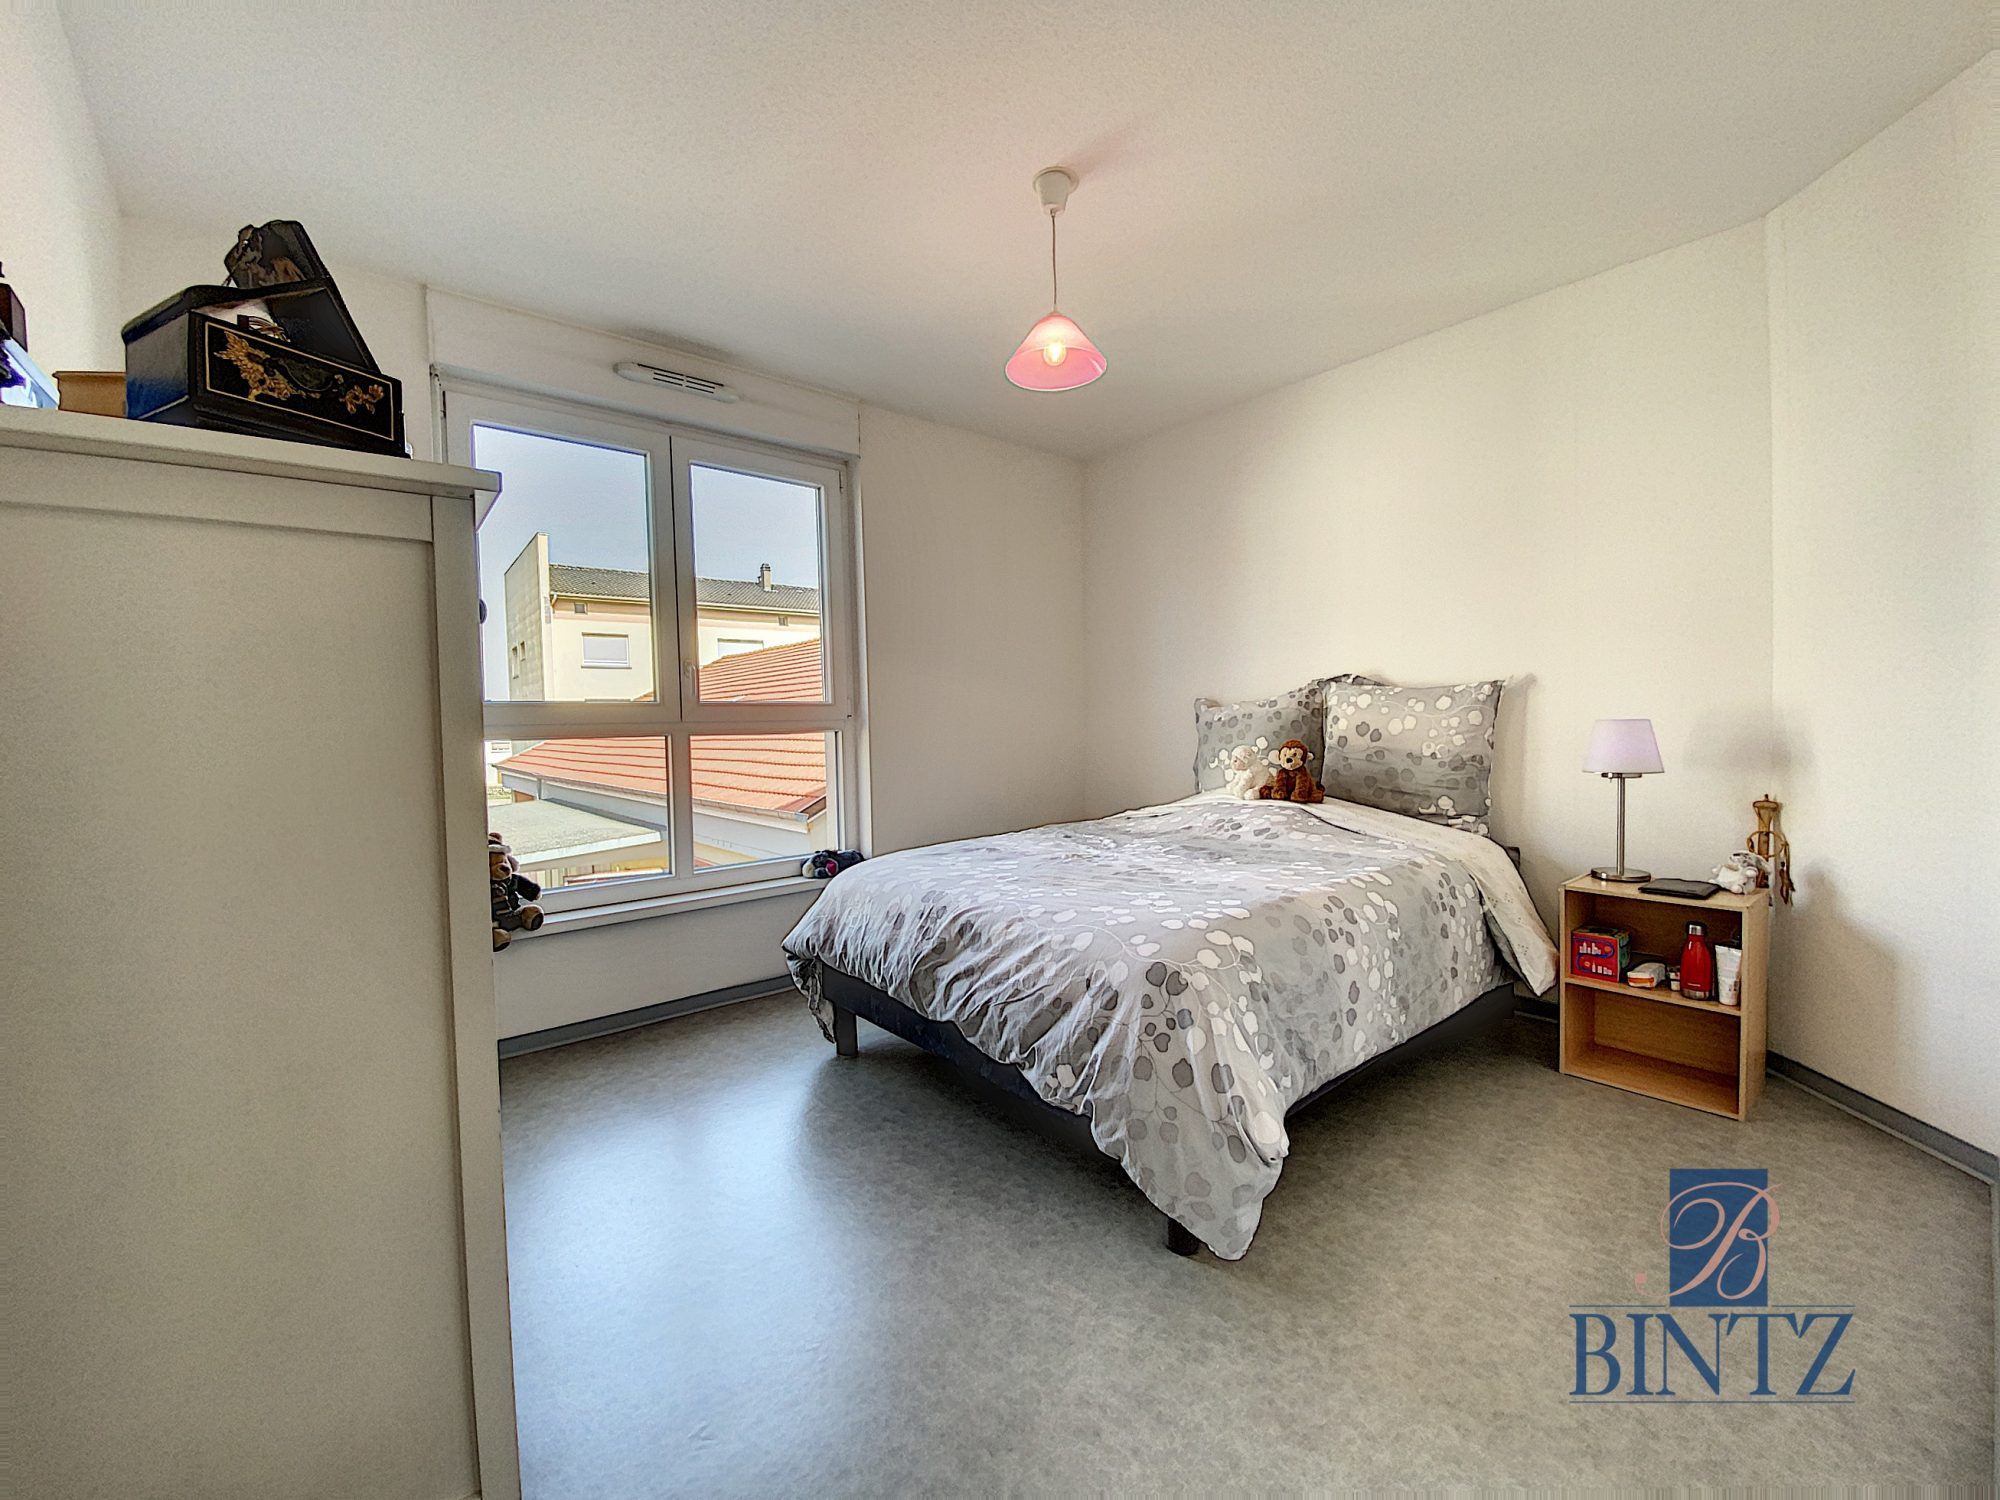 3 pièces neuf avec terrasse Schiltigheim - Devenez propriétaire en toute confiance - Bintz Immobilier - 9